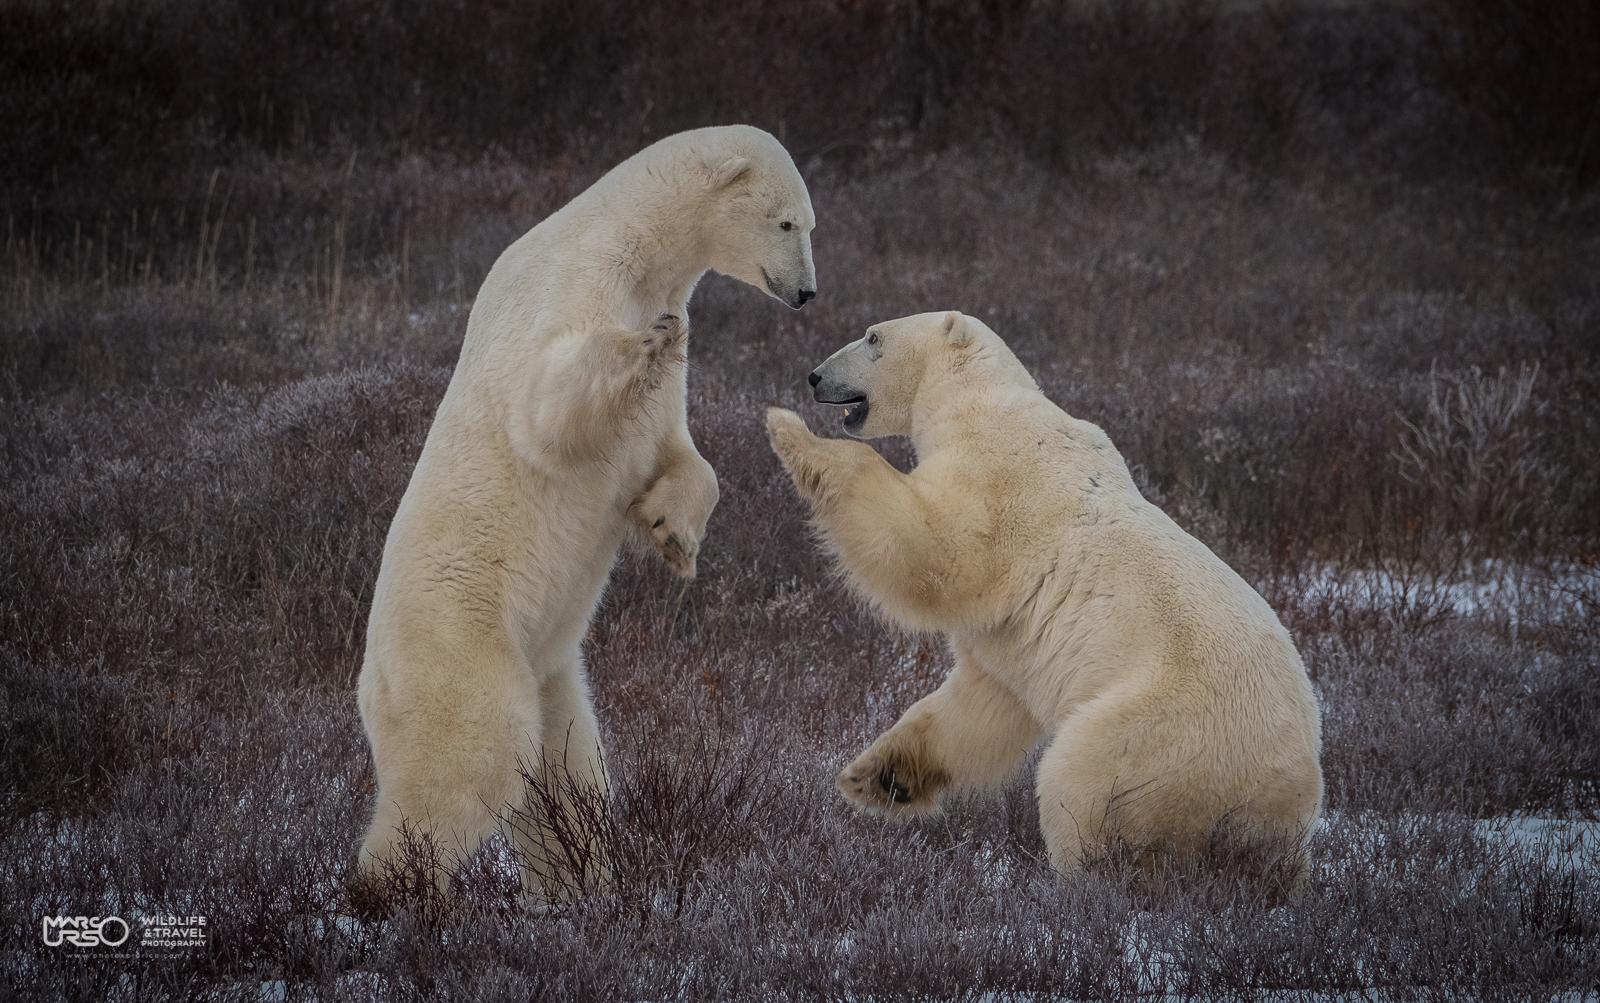 Marco Urso: Polar Bear Xperience – Churchill – Canada: l'orso polare e il suo habitat  dal 29 ottobre al 7 novembre 2017